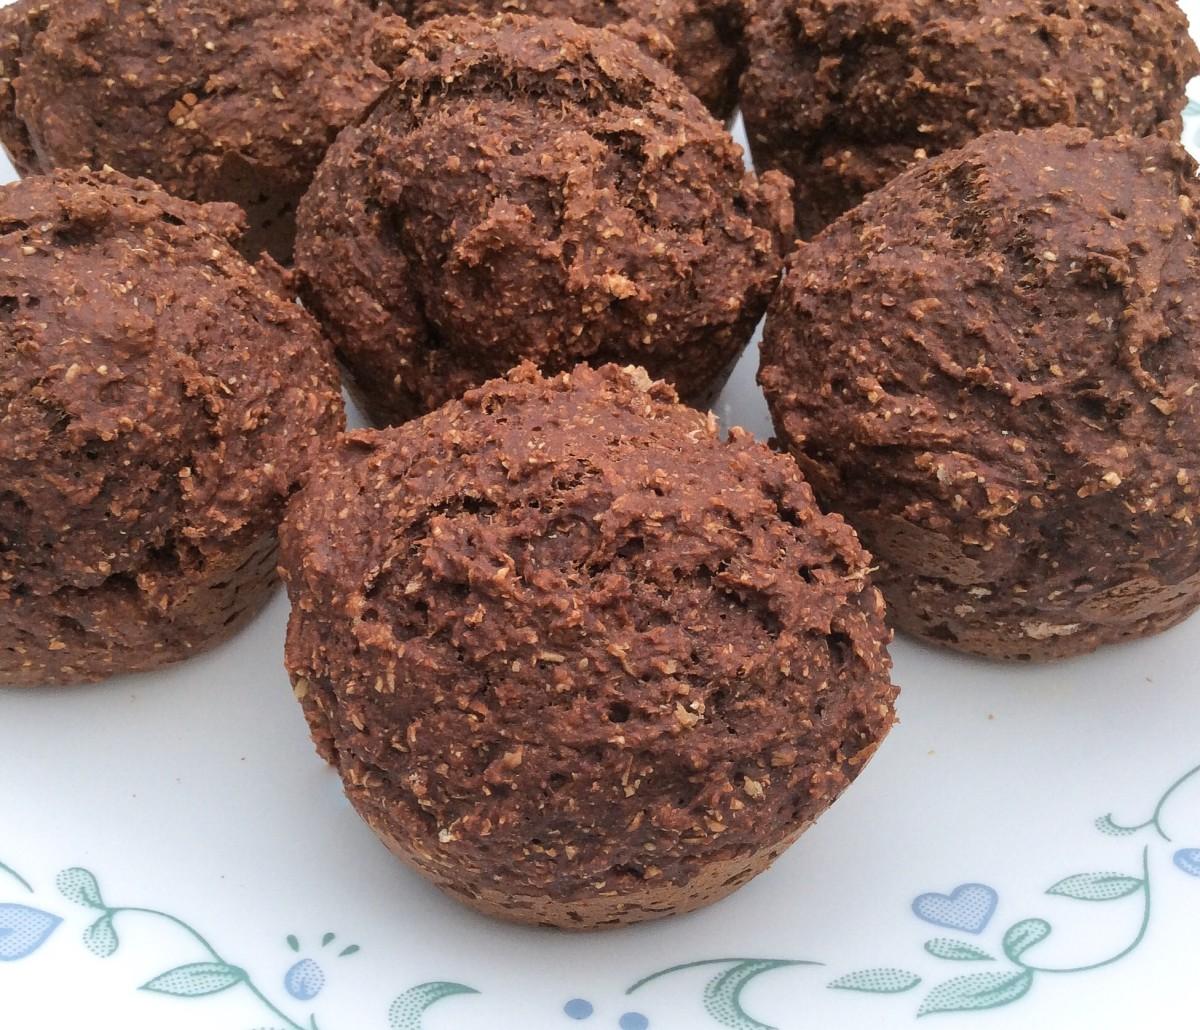 Delicious Vegan Chocolate Muffins Recipe Plus Ingredient Facts